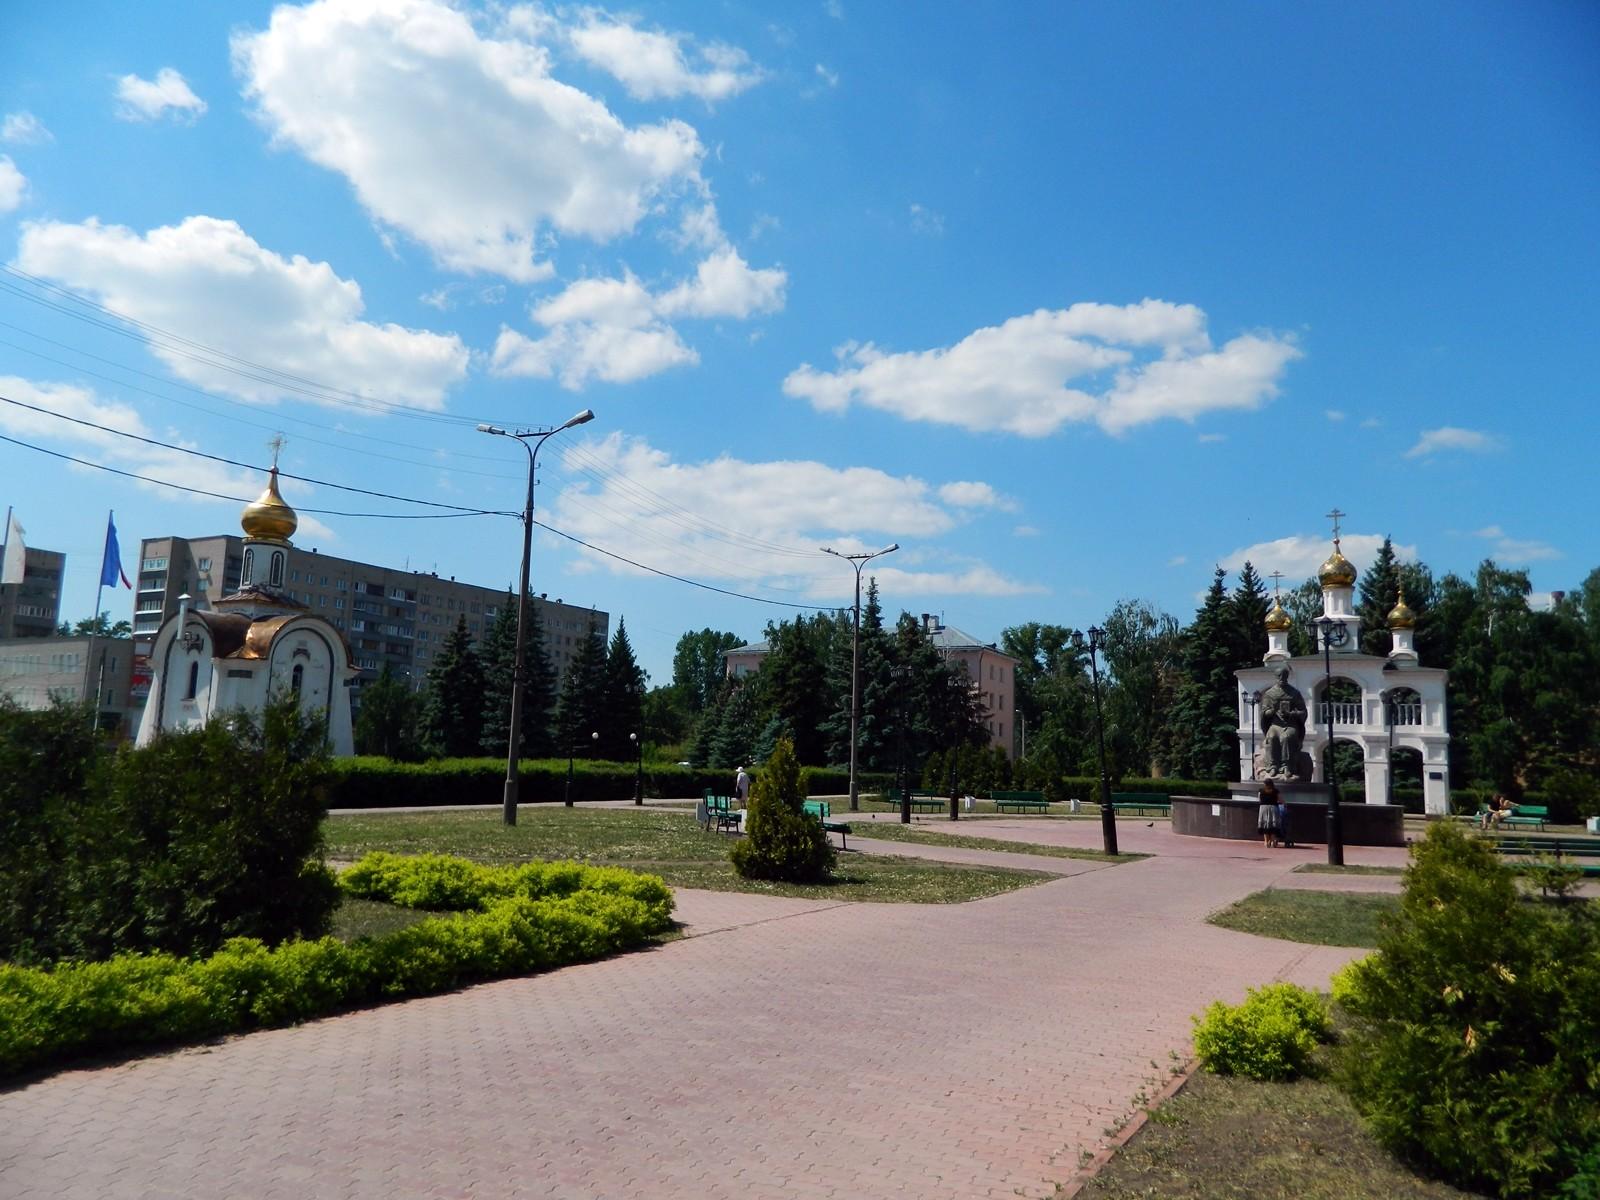 Osrednji trg s spominskim parkom v čast graditeljem mesta